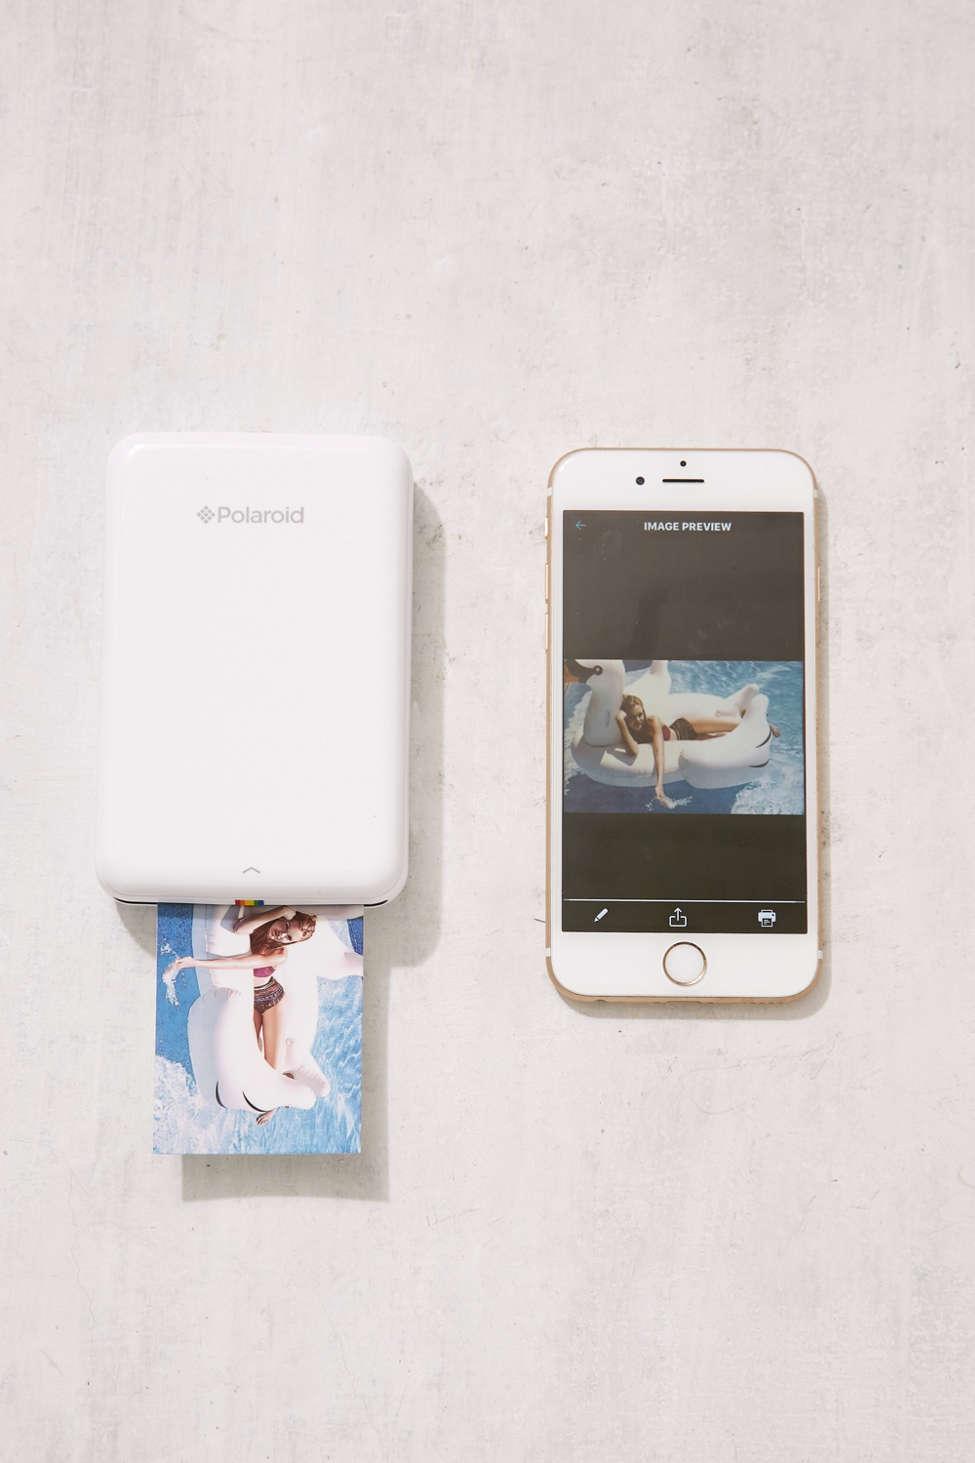 Polaroid Zip Mobile Photo Printer Urban Outfitters